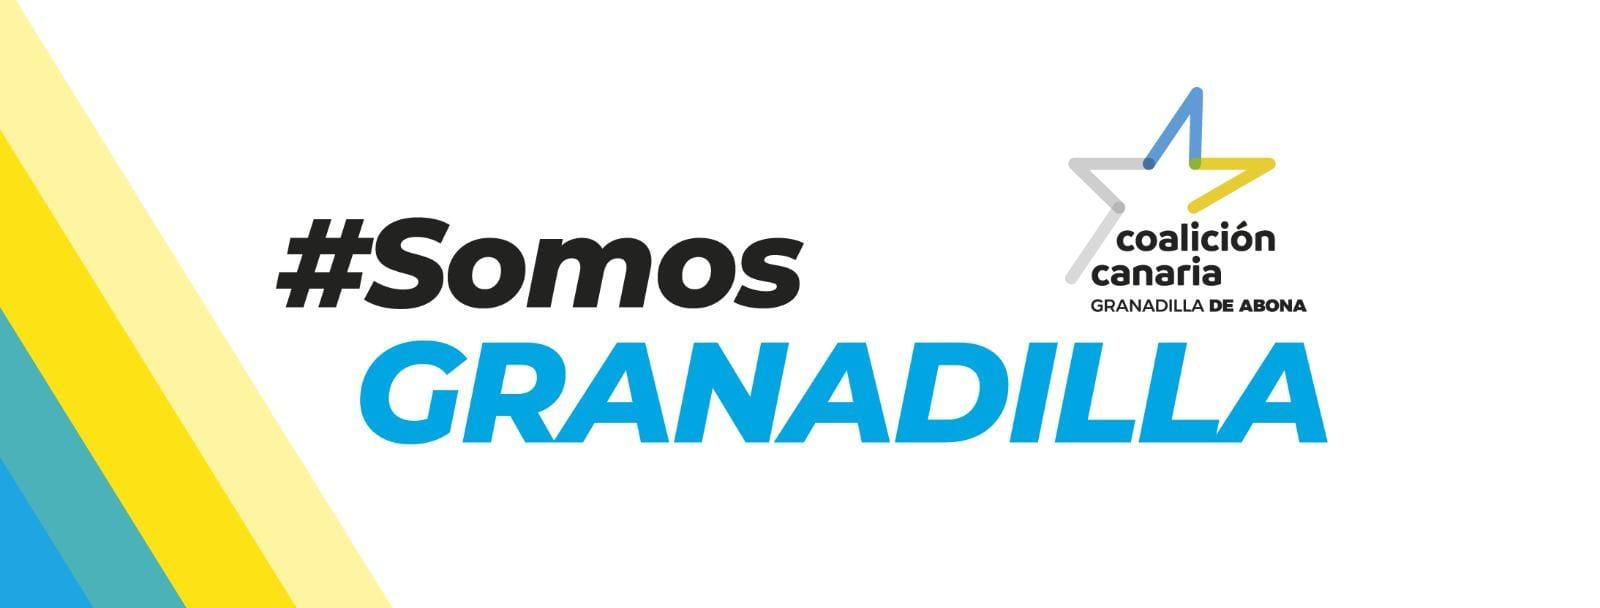 Coalición Canaria Granadilla de Abona